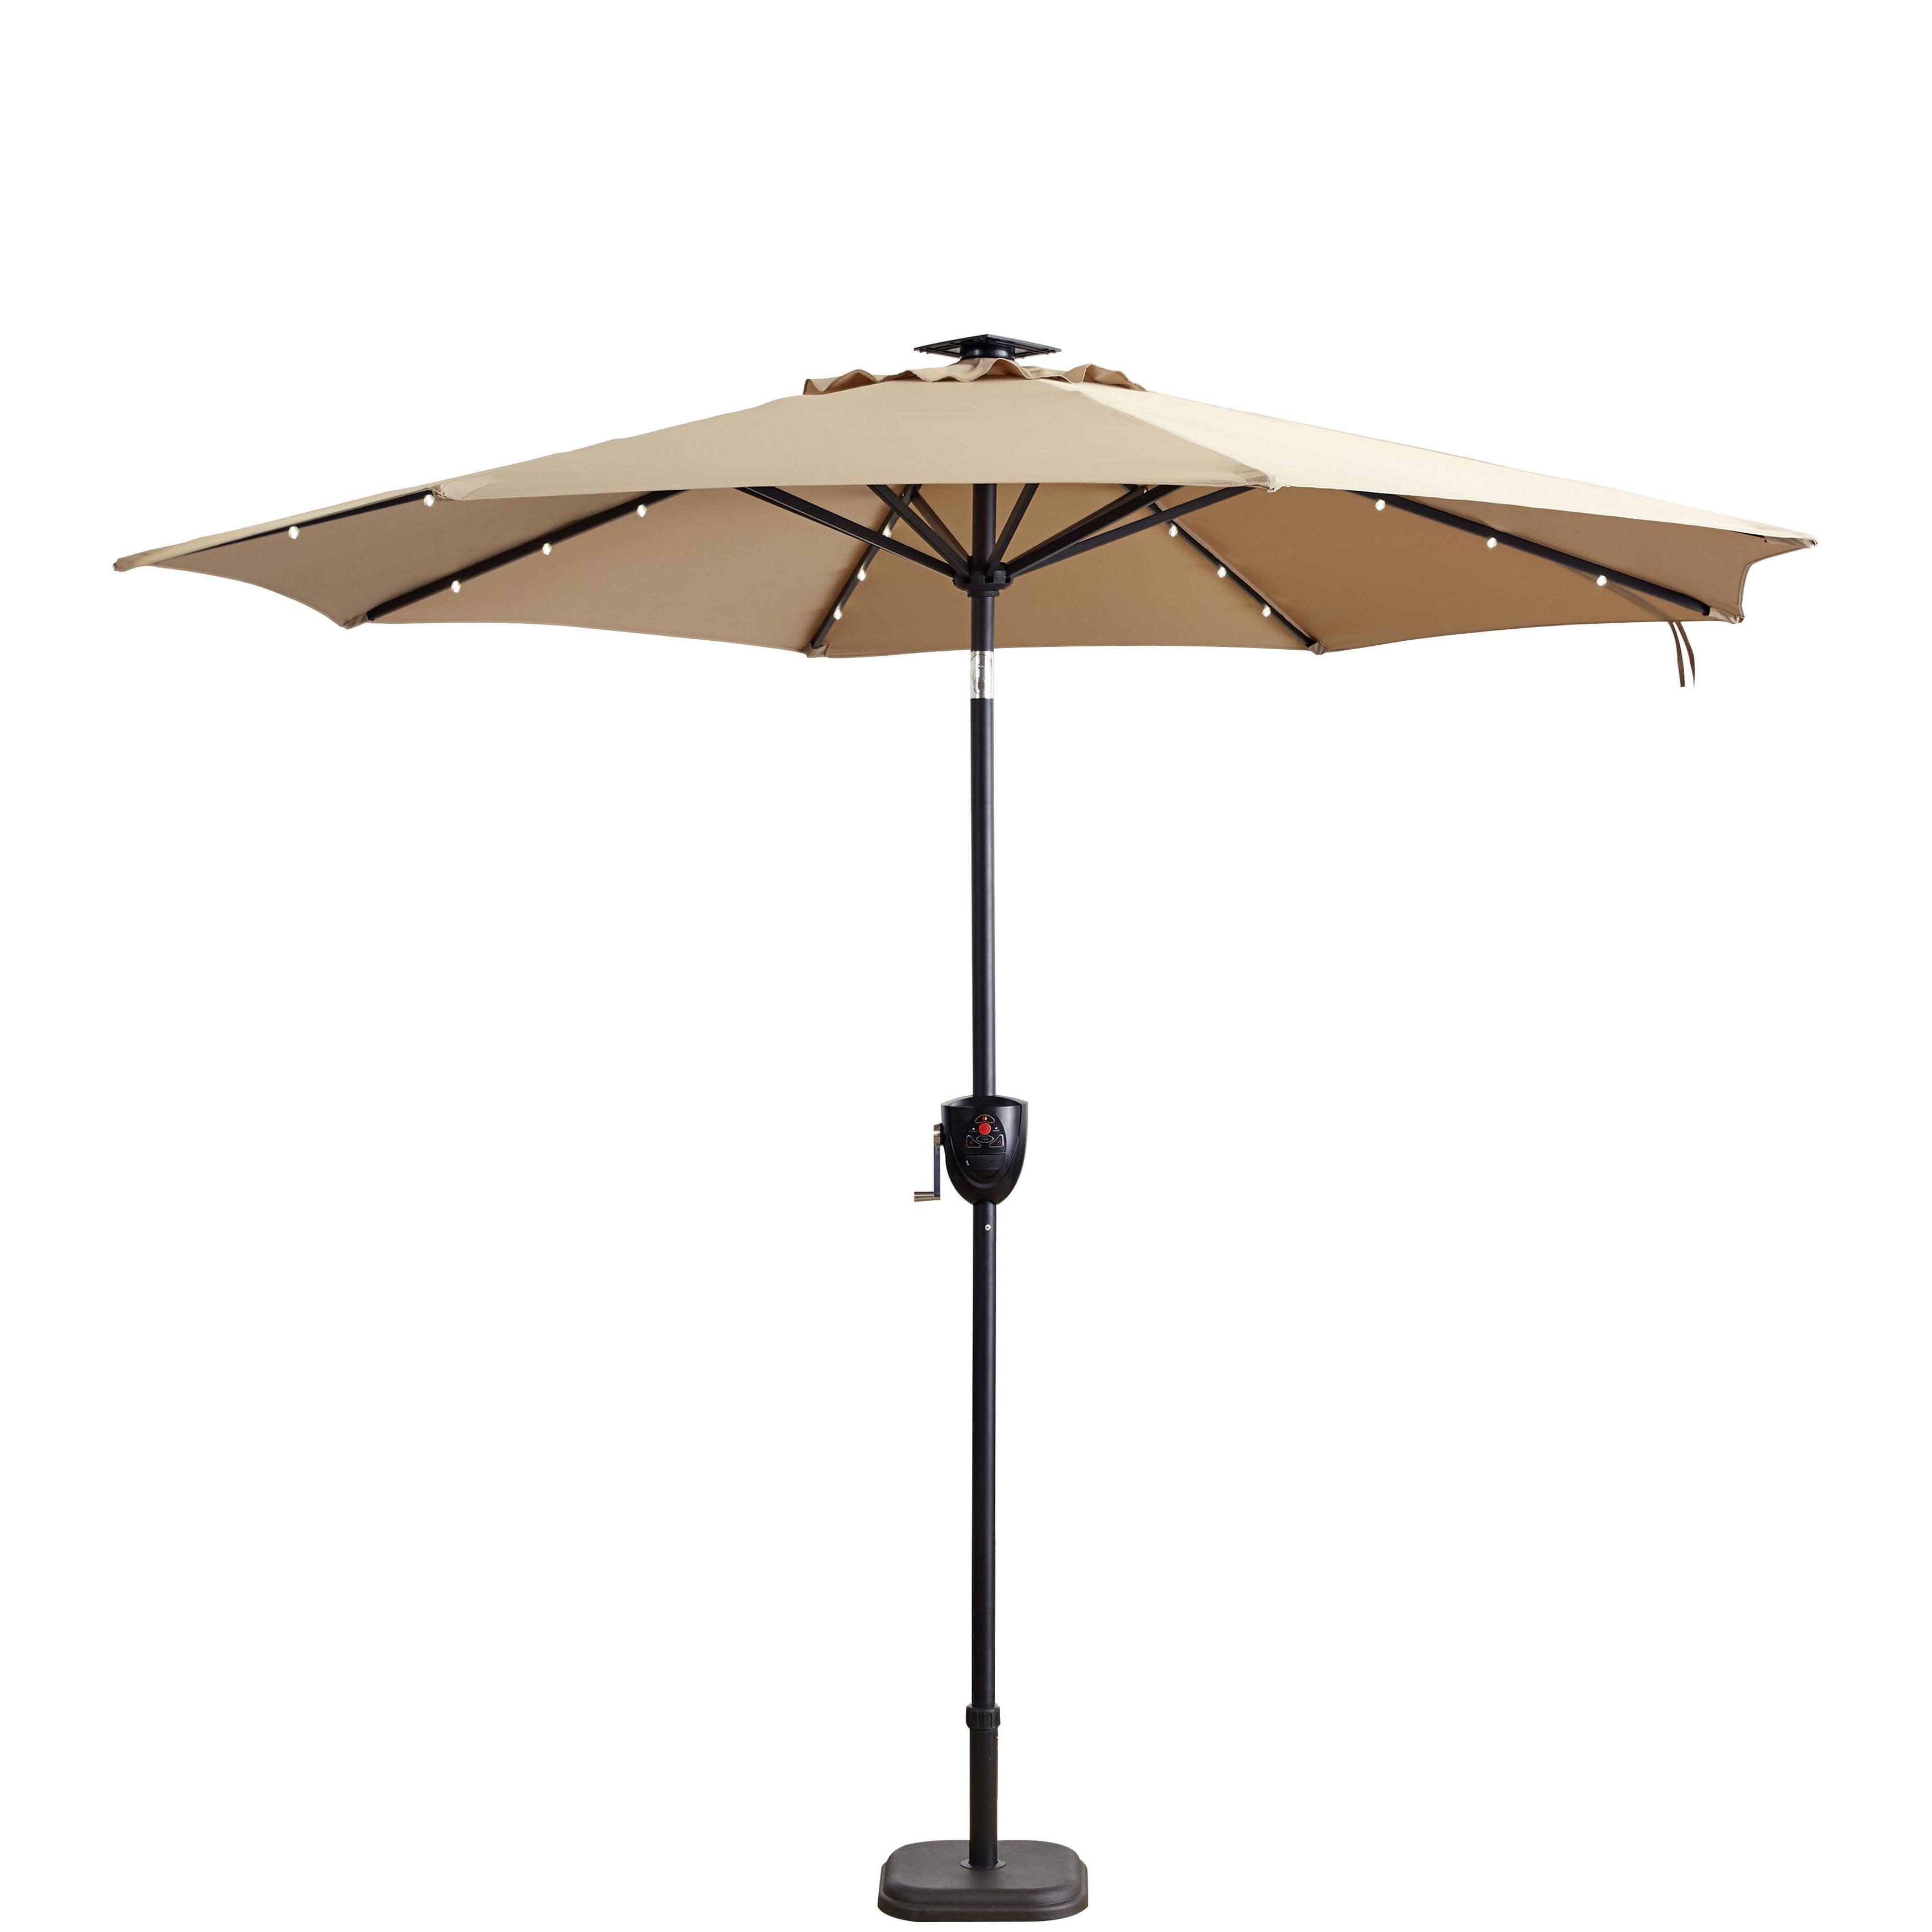 Herlinda Solar Lighted Market Umbrellas Intended For Well Known Hettie Solar Lighted 9' Market Umbrella (Gallery 2 of 20)